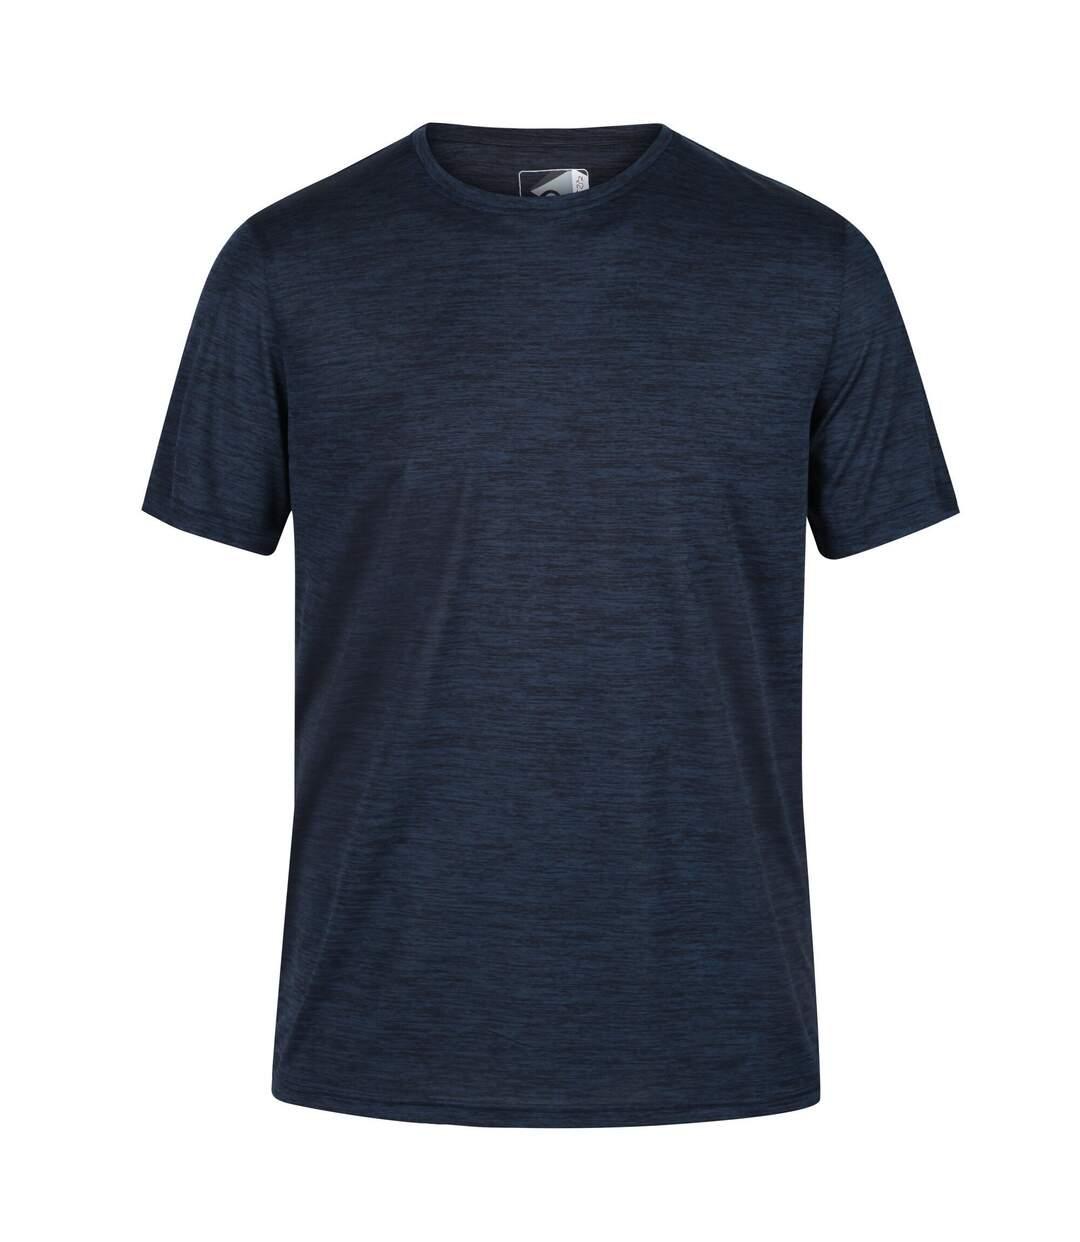 Regatta Mens Fingal Edition Marl T-Shirt (Navy Marl) - UTRG5795